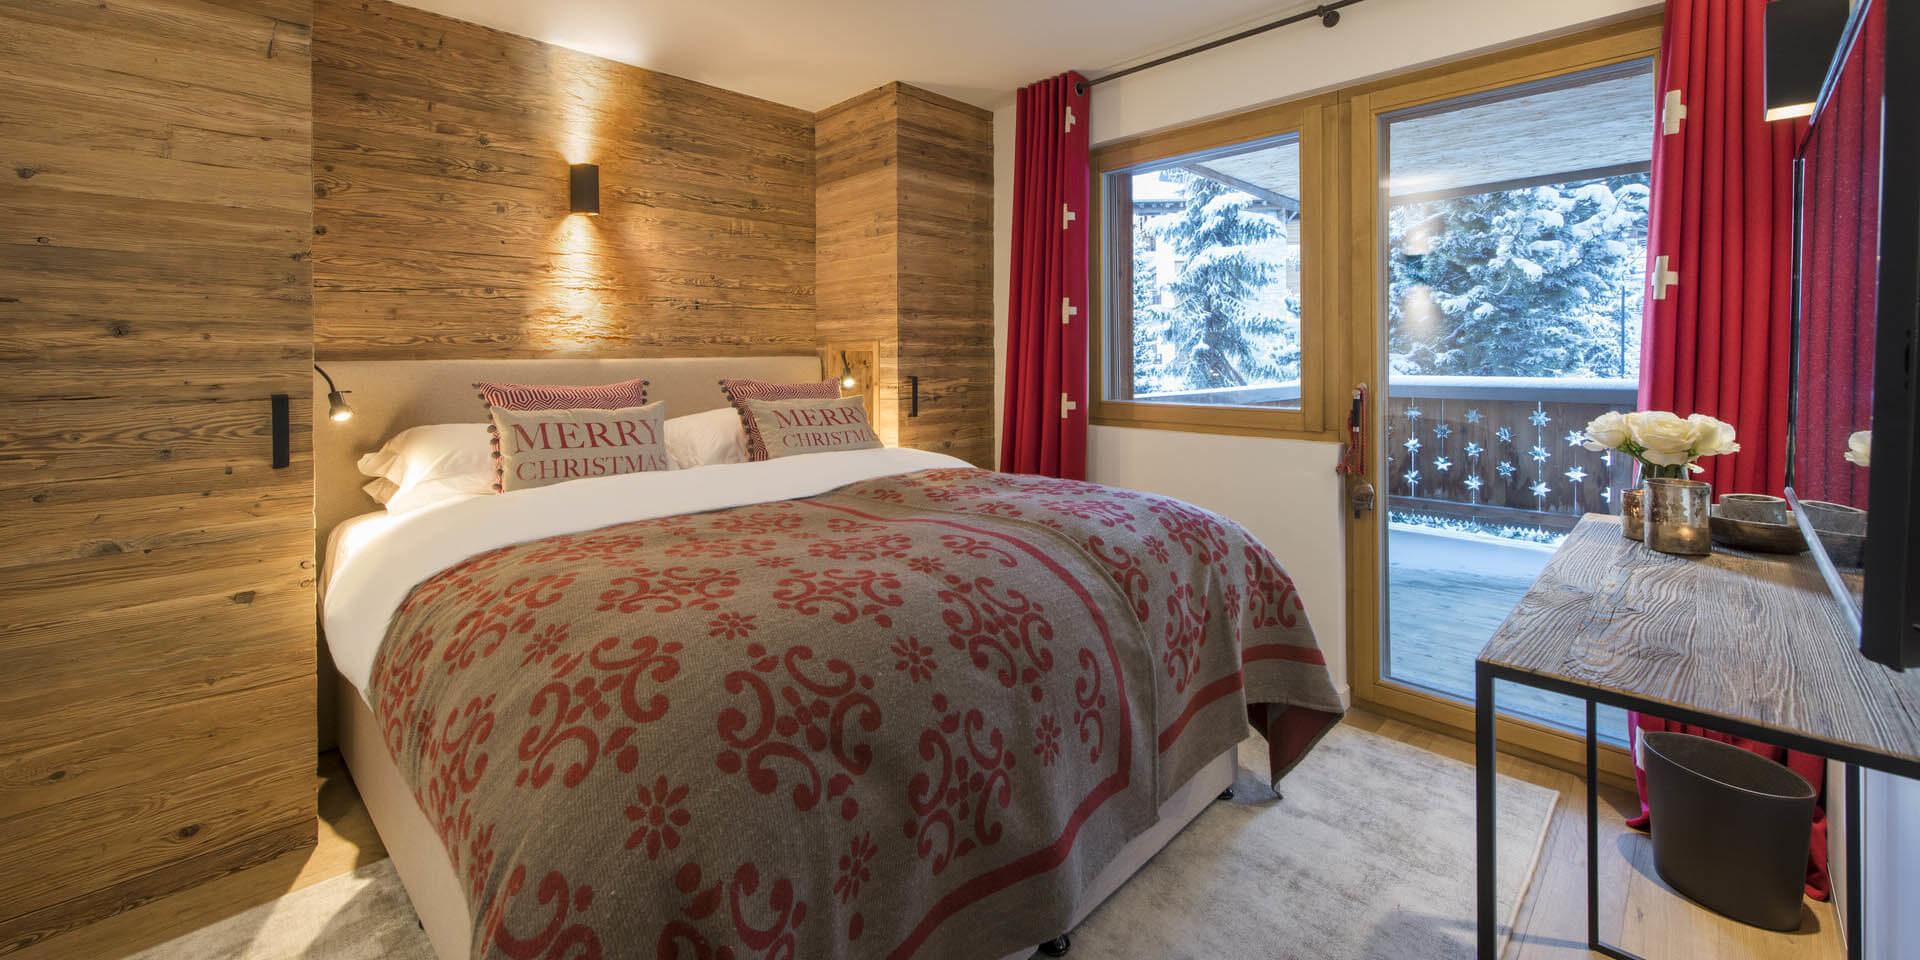 Appartement Rosalp 4 Verbier Les 4 Vallees Zwitserland wintersport skivakantie luxe slaapkamer 2-persoonsbed sprei kussens Merry Christmas tafel rode gordijnen balkon besneeuwde bomen